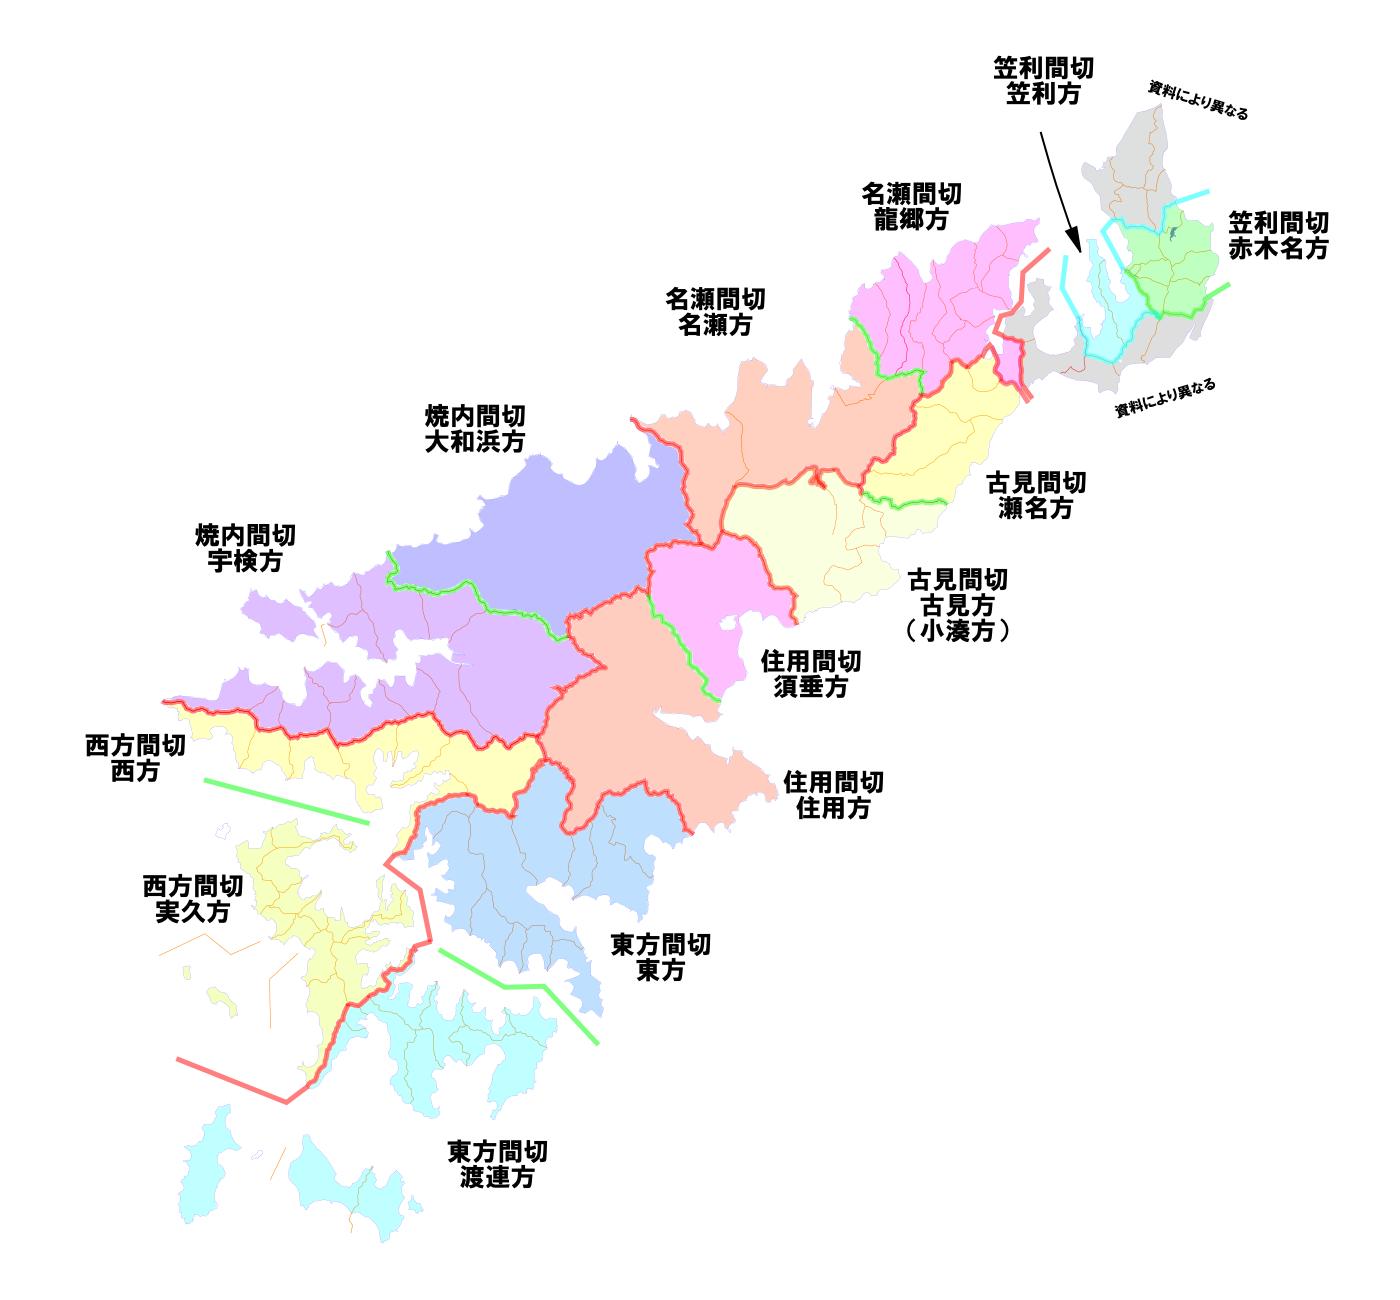 ... 地域区分地図(間切、方